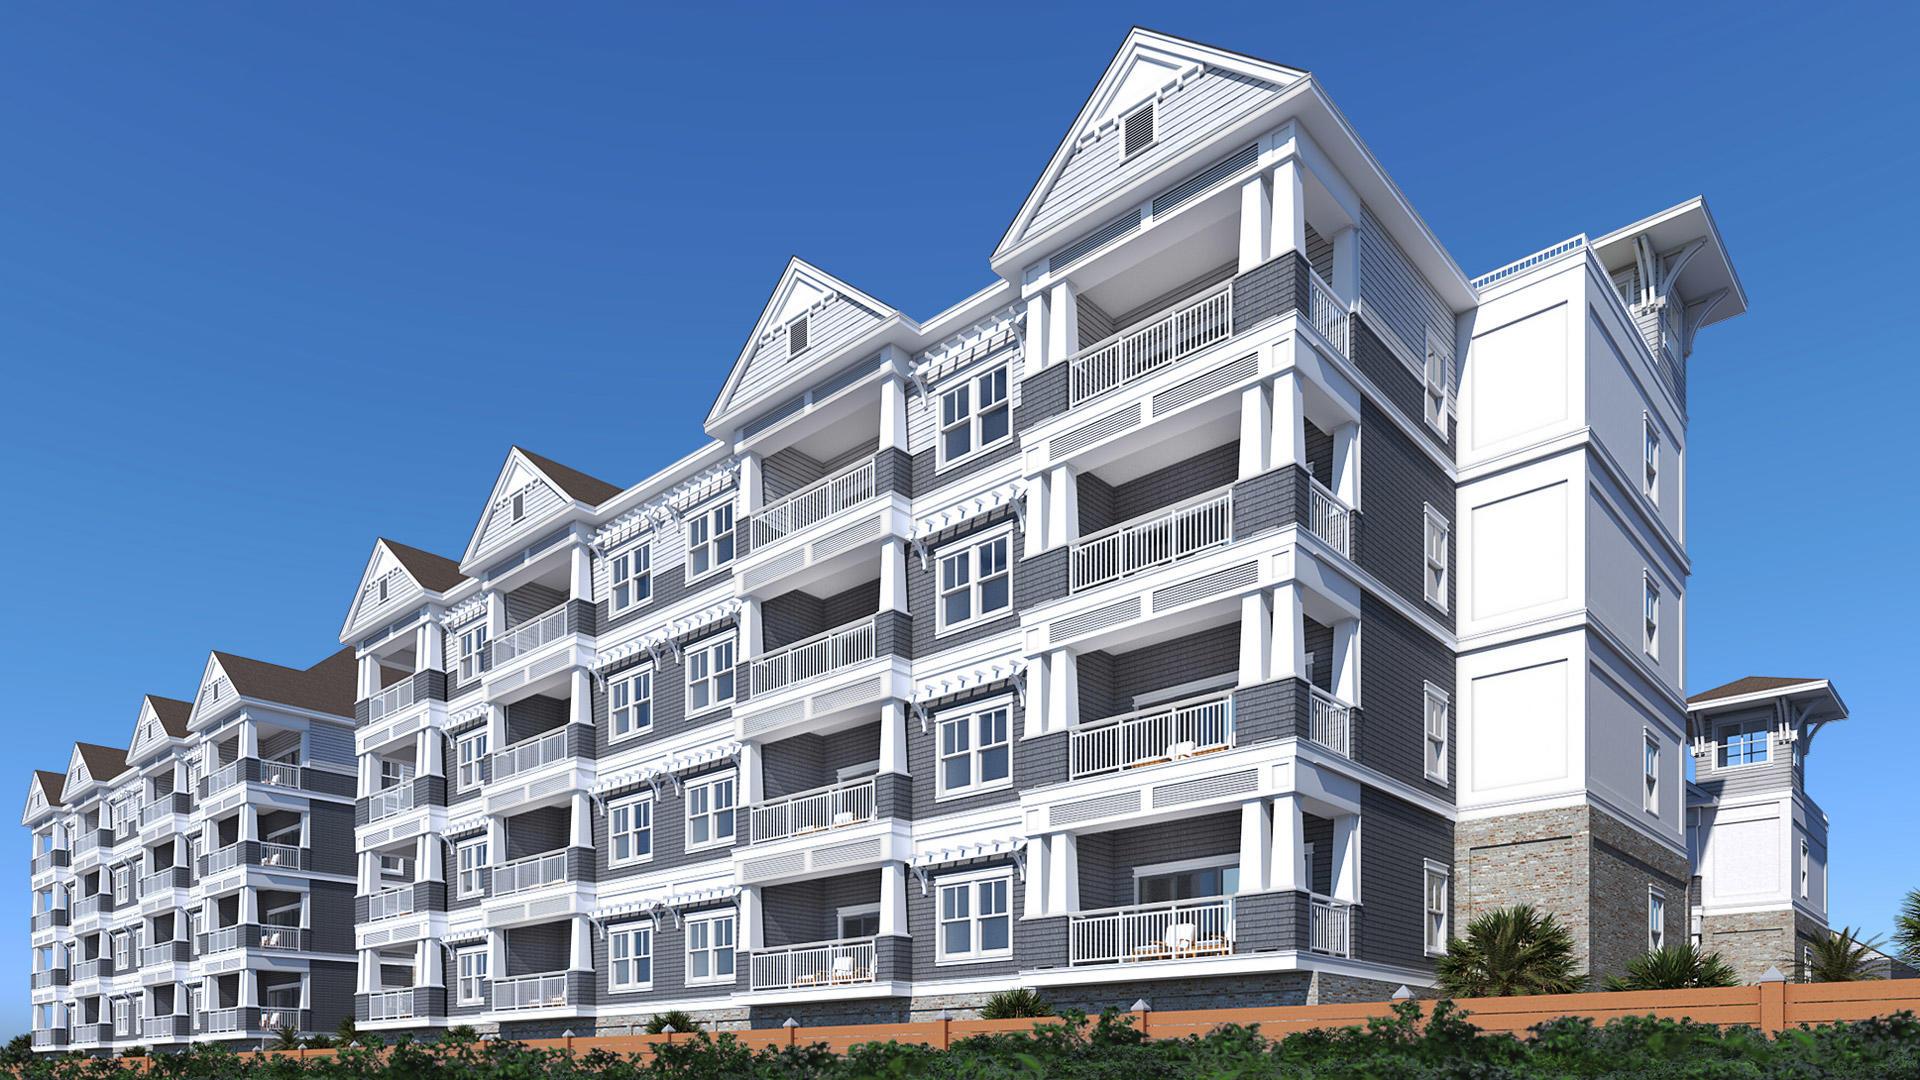 Xxx Henderson Resort Wy 5201